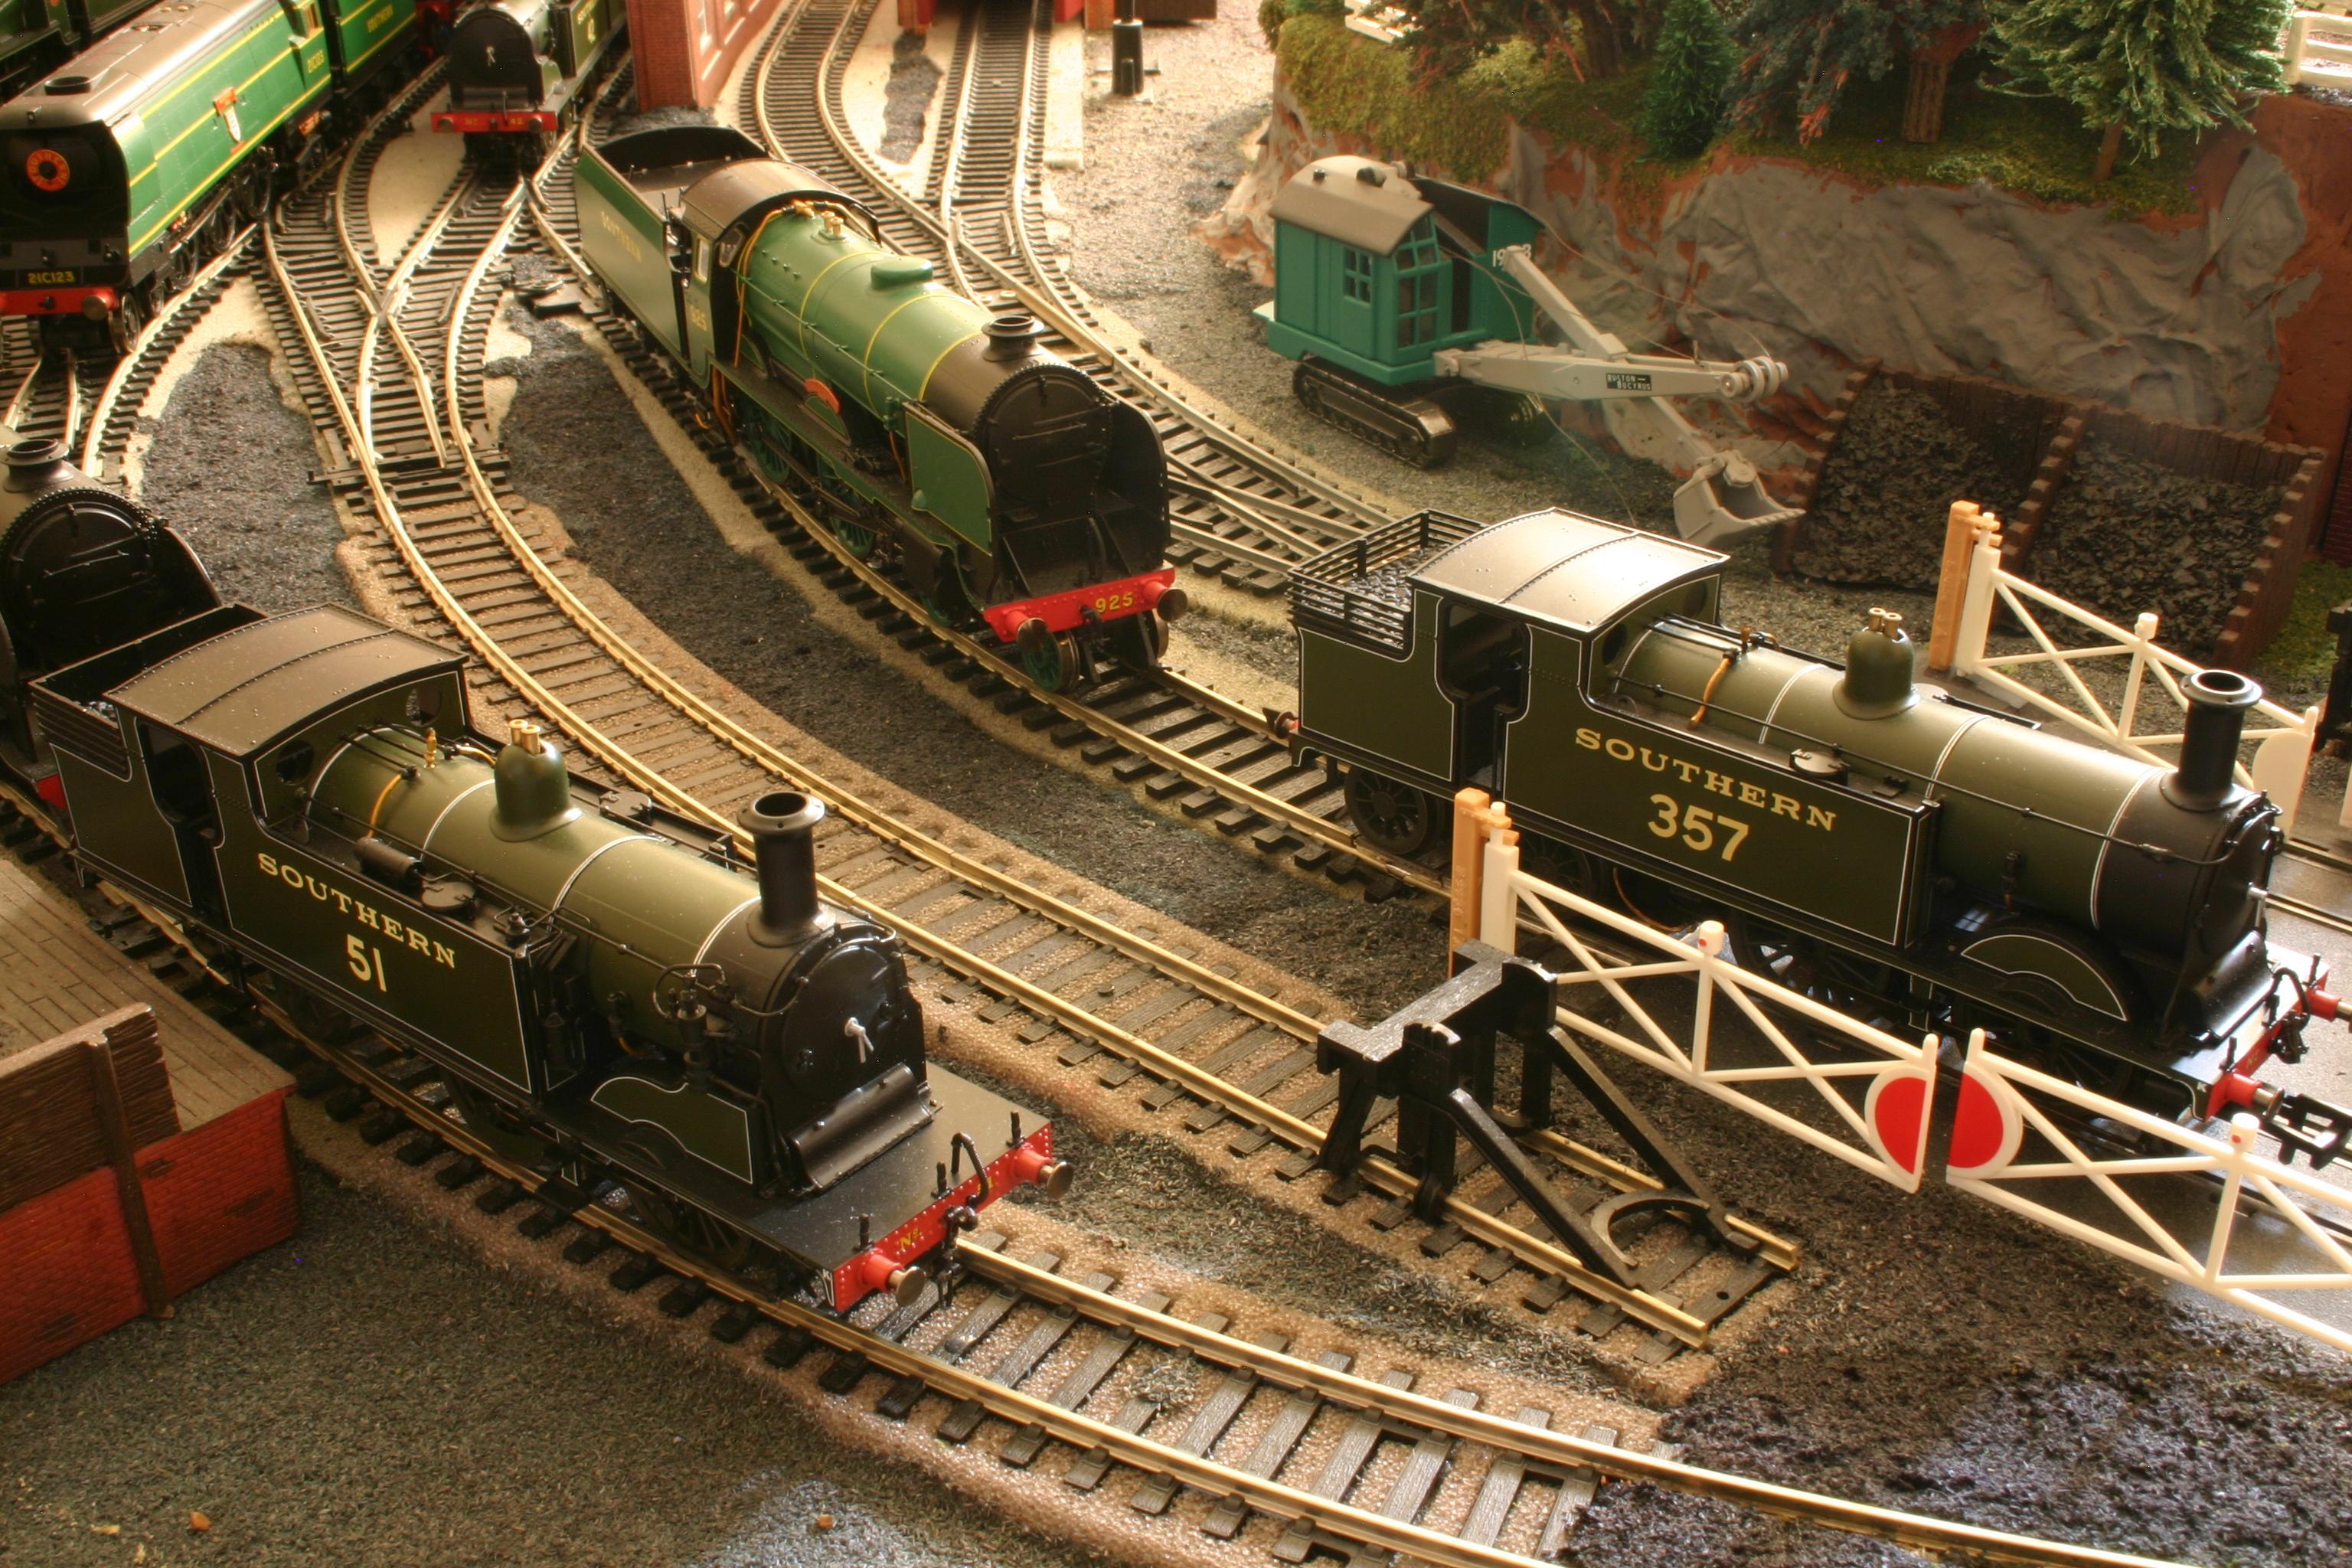 03-hornby-railways-gecommercialiseerd-in-1938